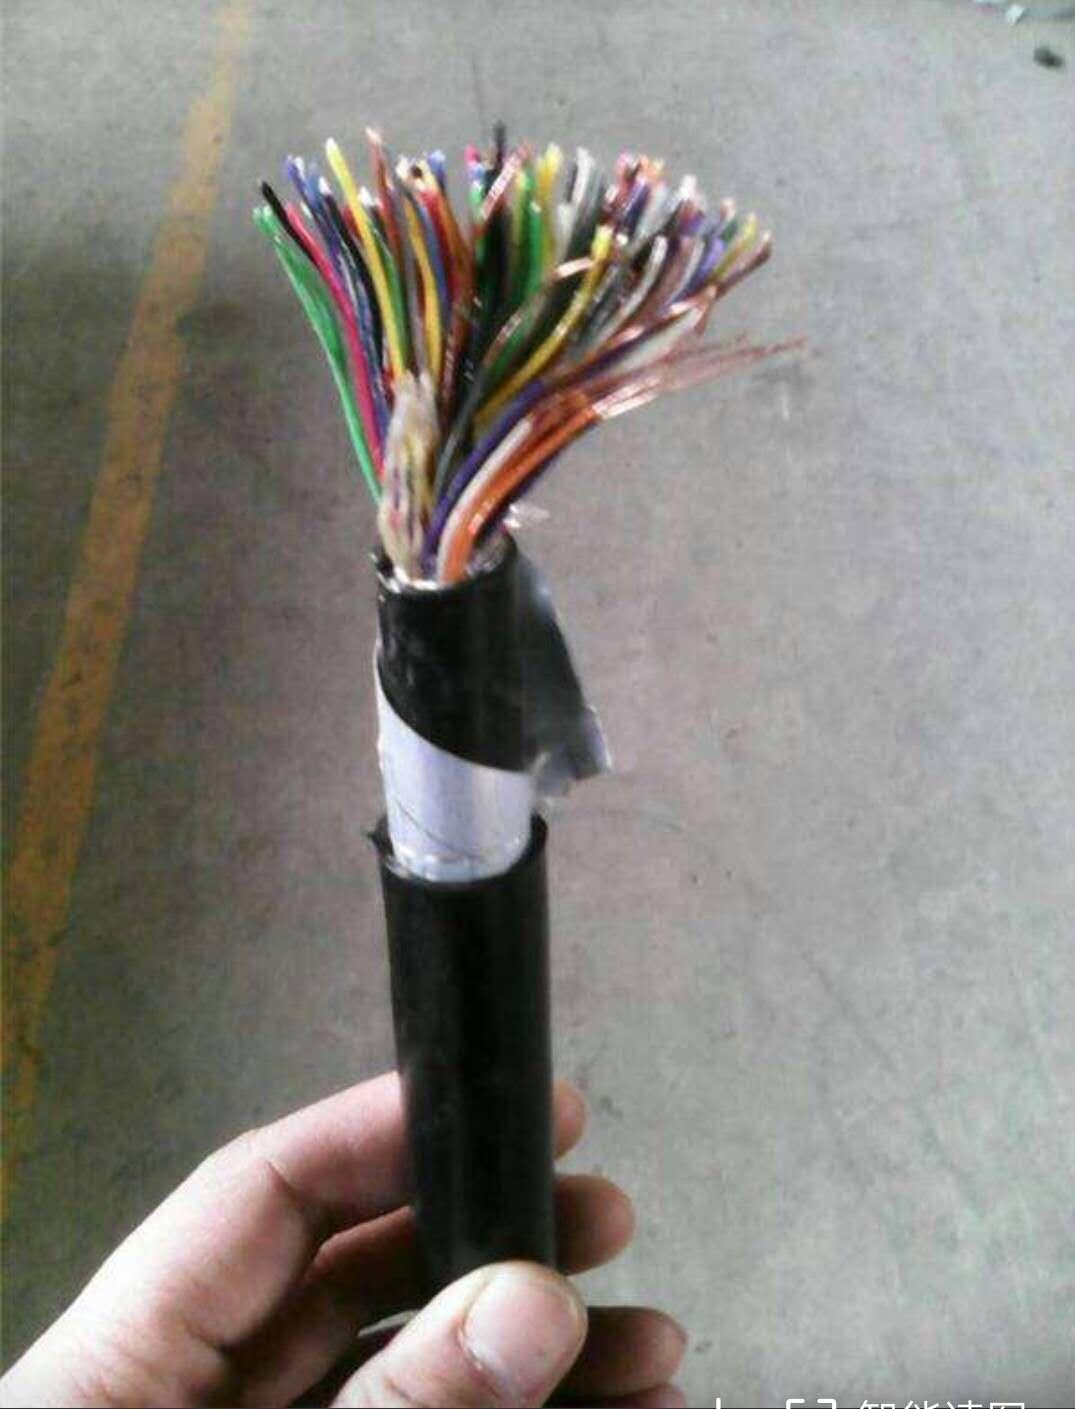 阻燃计算机电缆zr-djyvp10x2x0.5、谁知道哪儿有